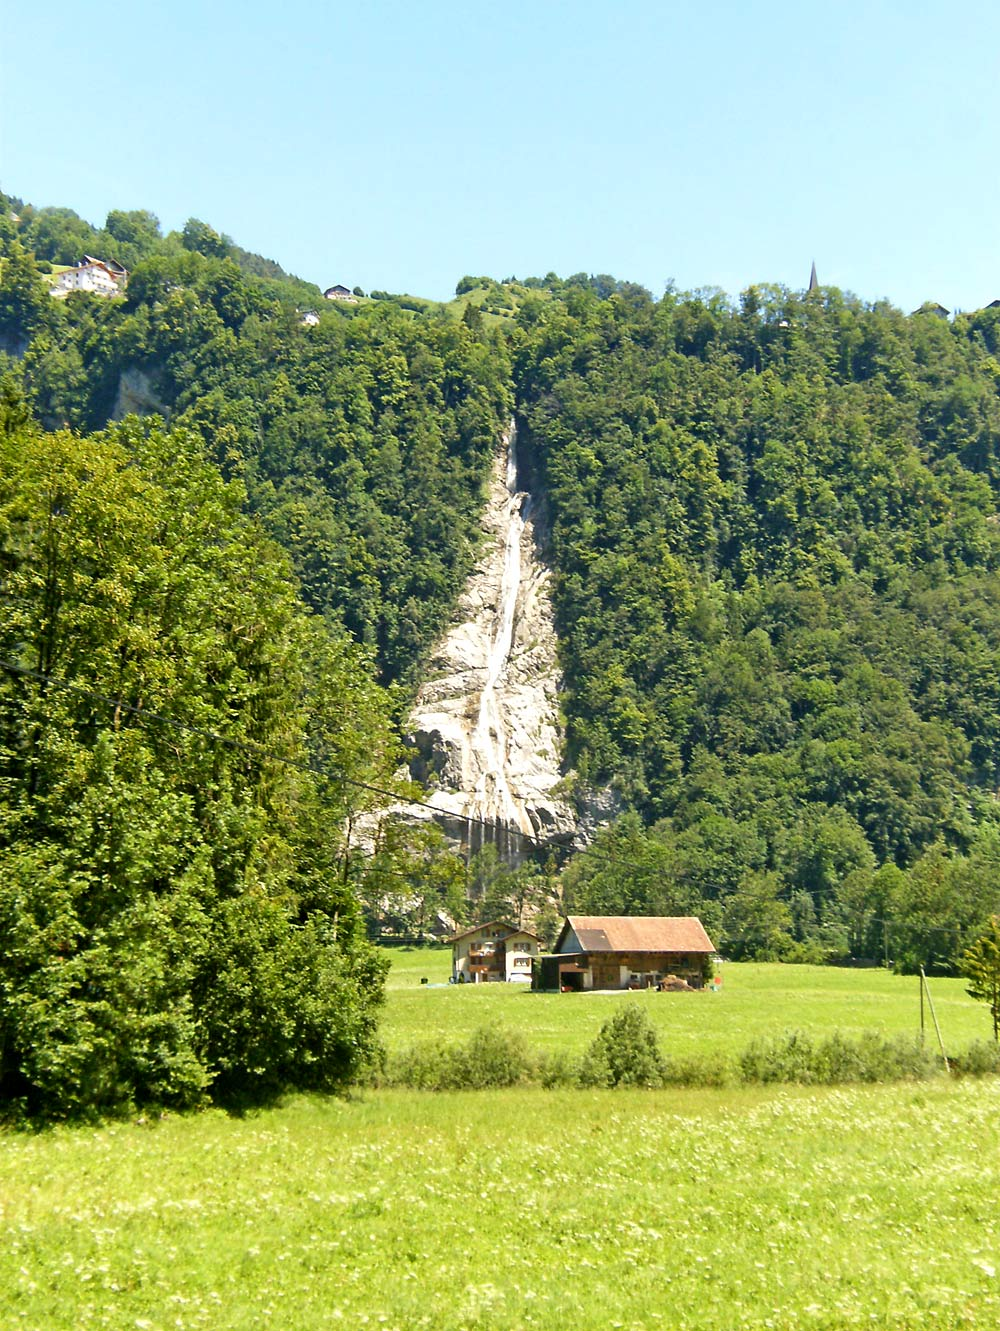 Blick auf den Bettbach-Wasserfall unterhalb von Illgau